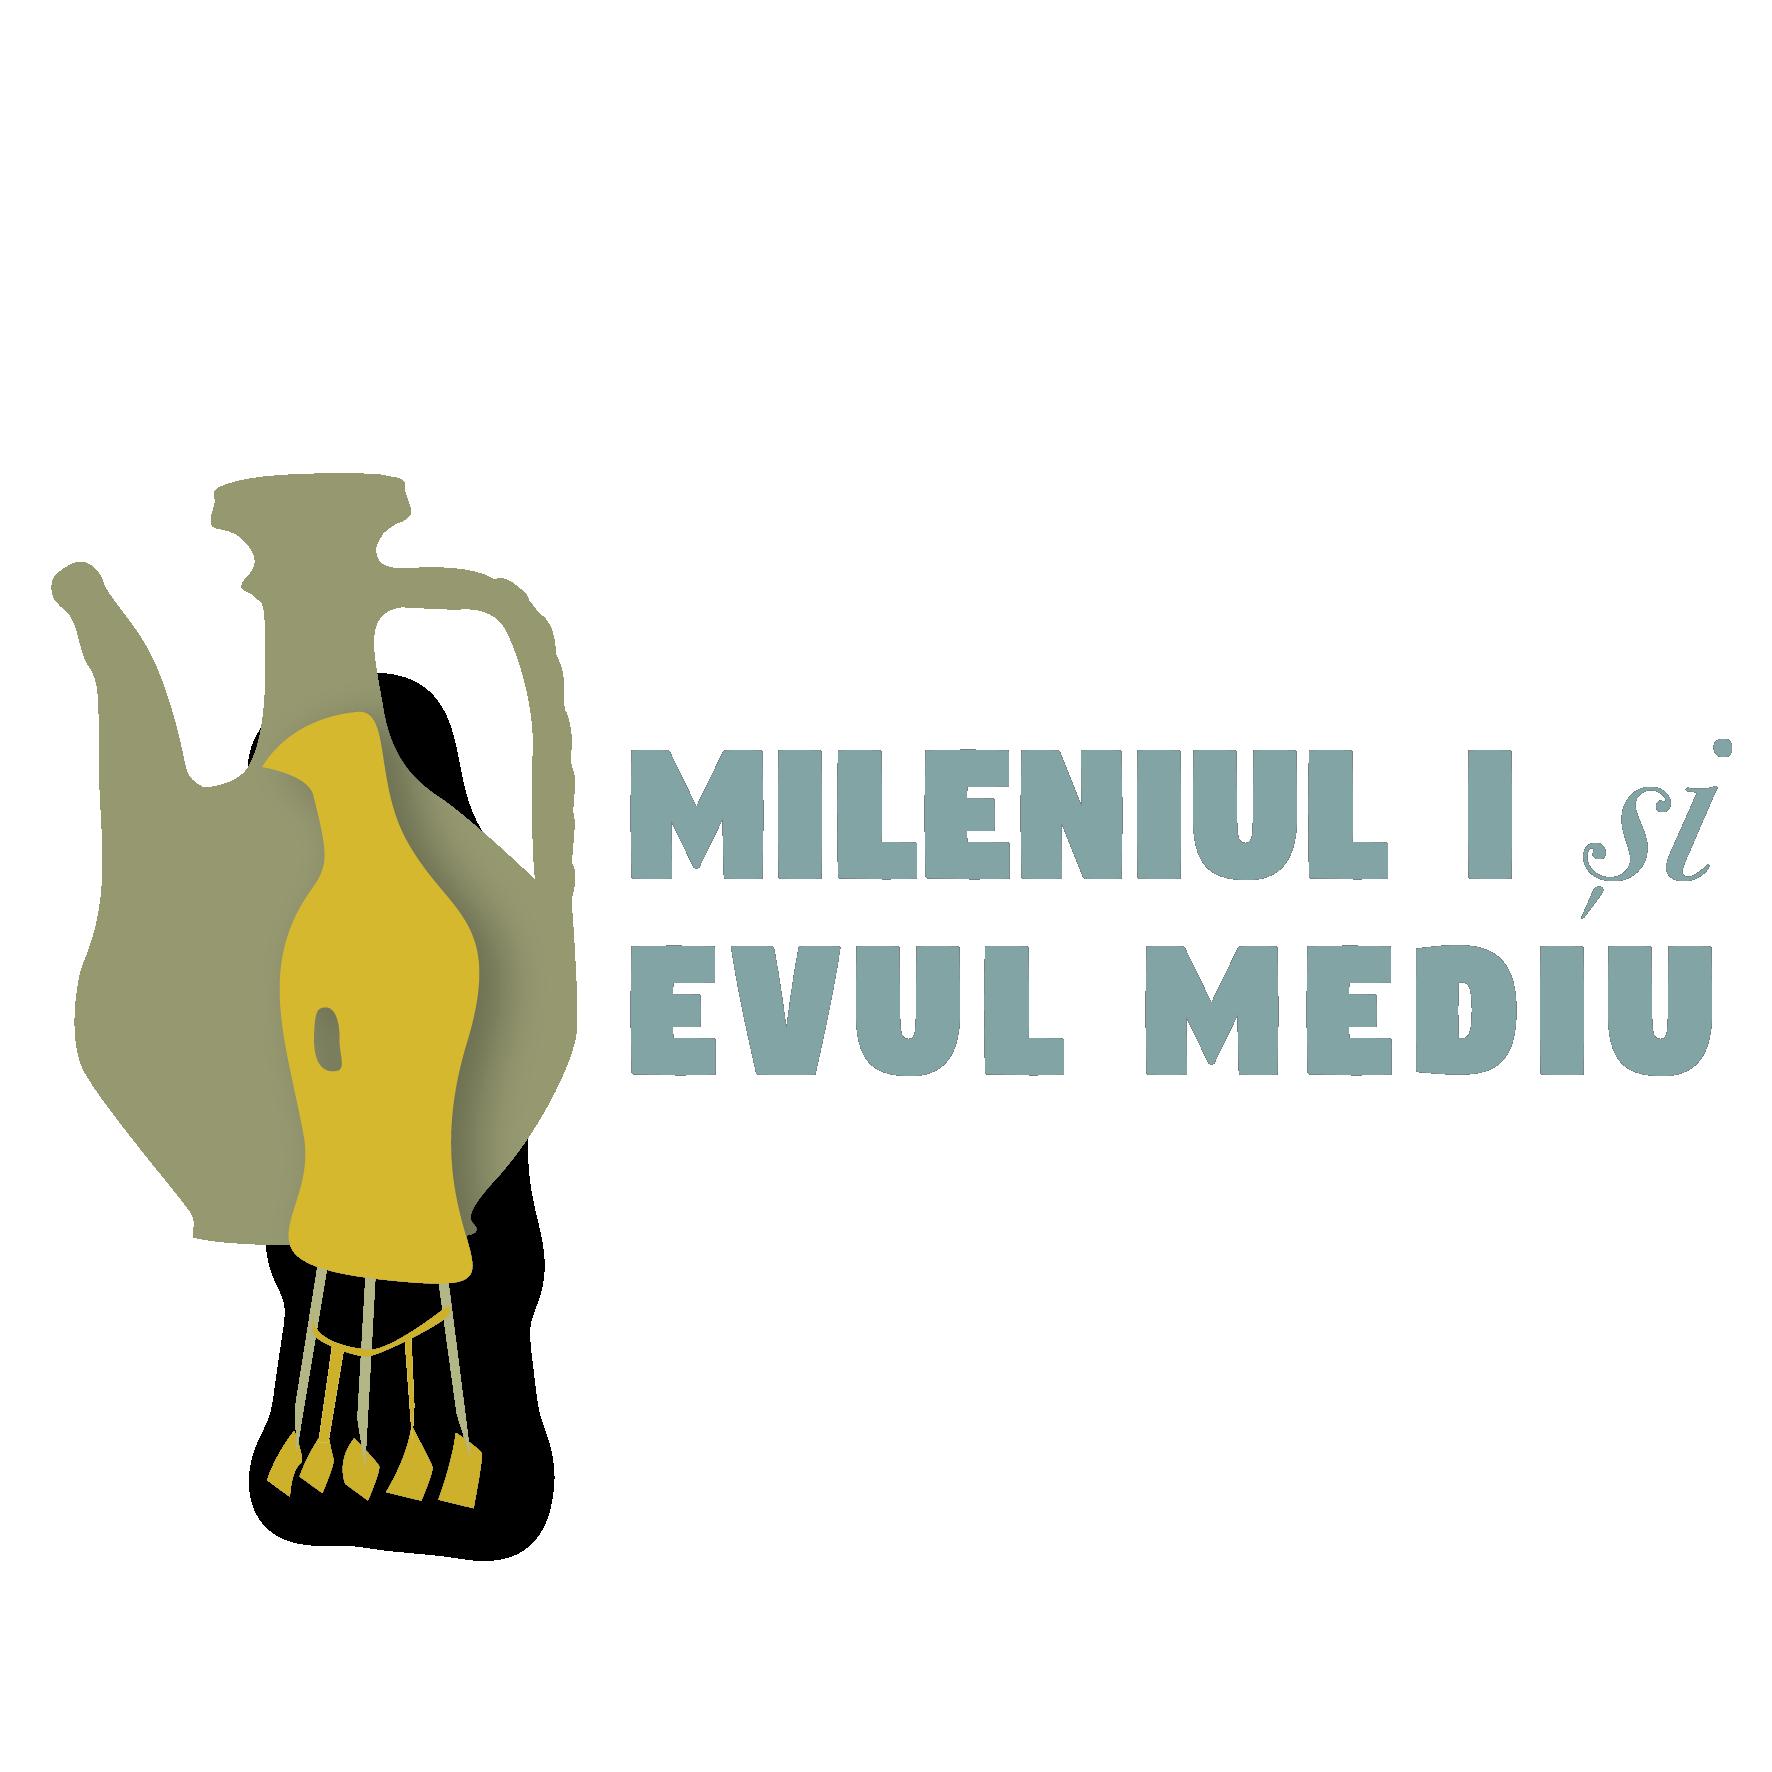 Mileniul I si Evul Mediu